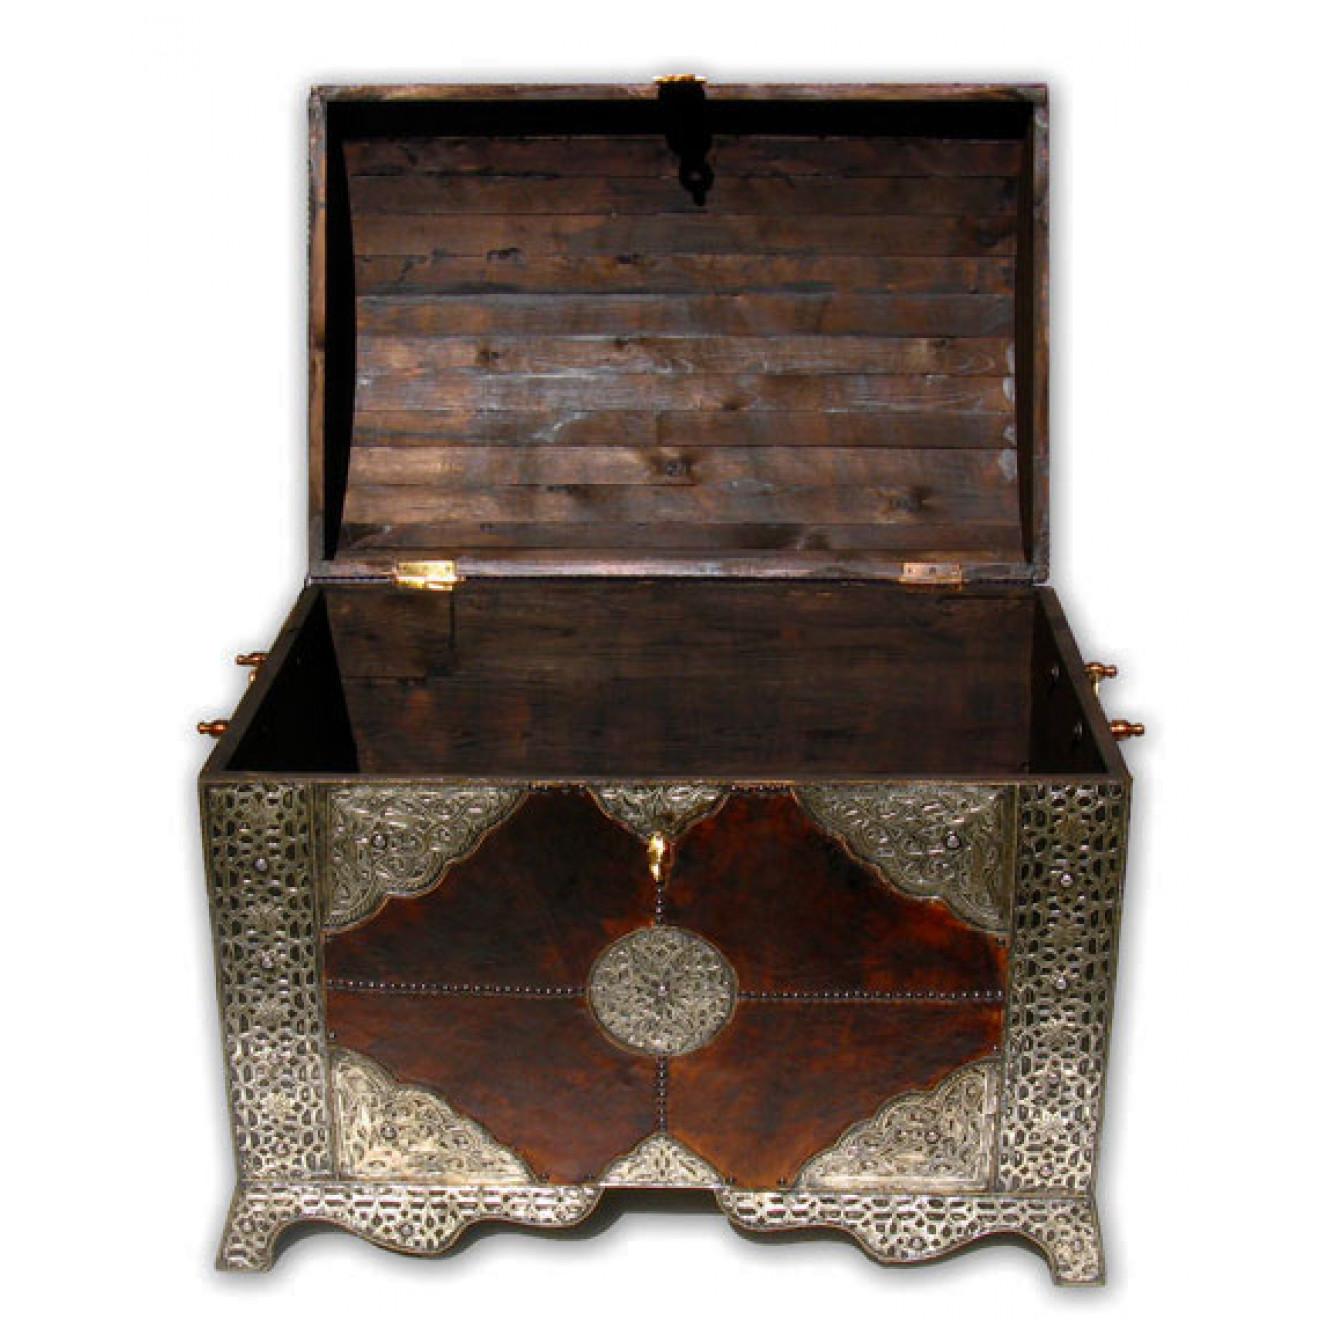 orientalische xl truhe mit leder und silber metall. Black Bedroom Furniture Sets. Home Design Ideas